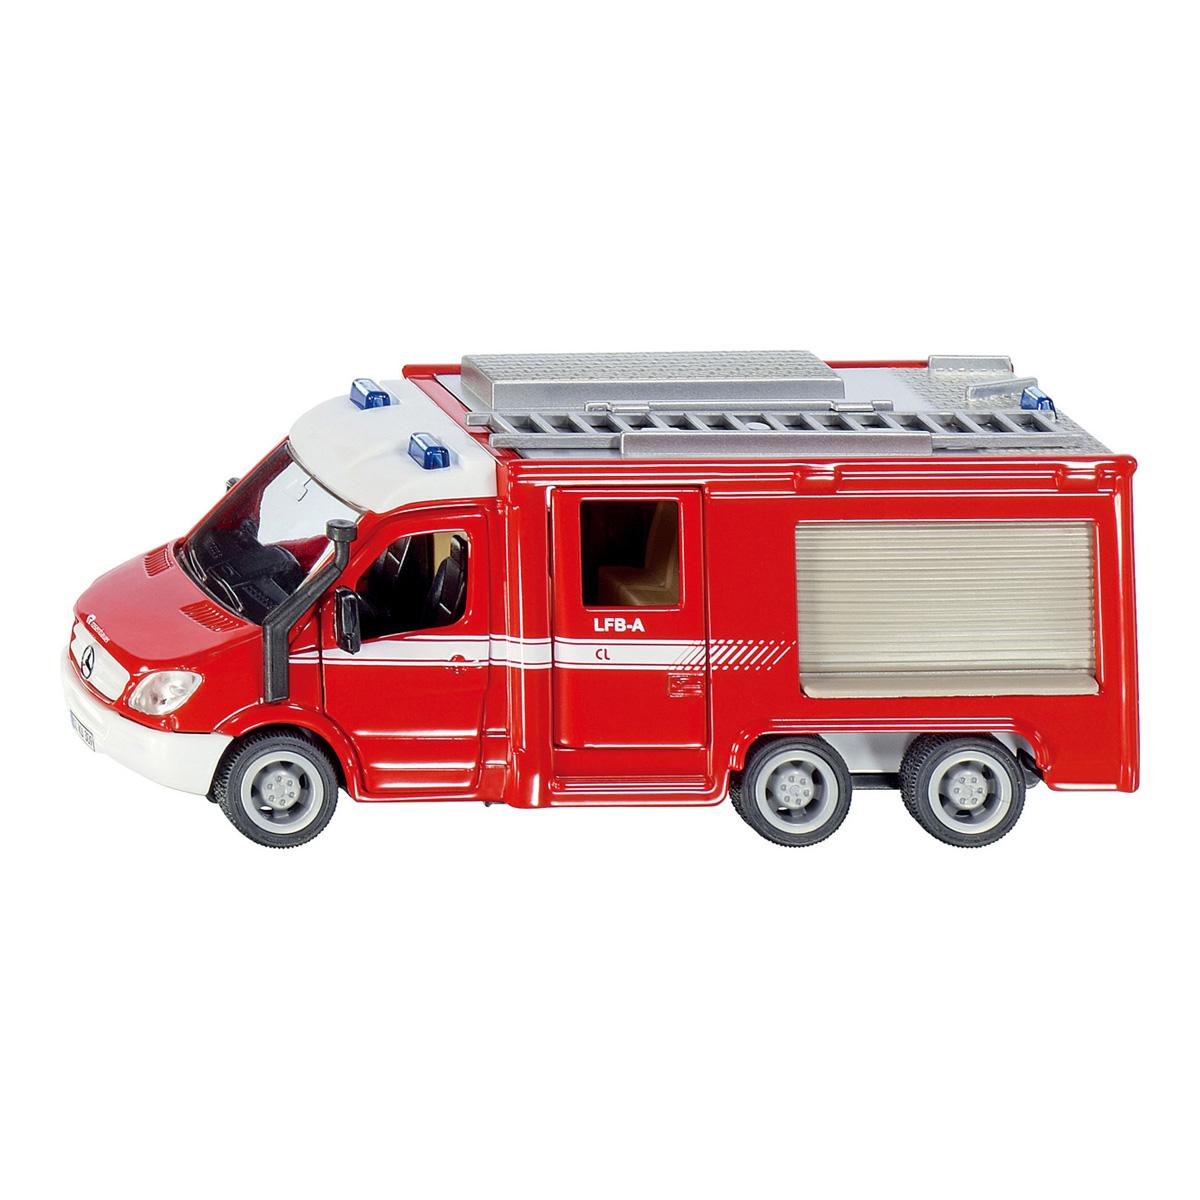 メルセデス・ベンツ スプリンター 消防車 1/50(ジク・SIKU)